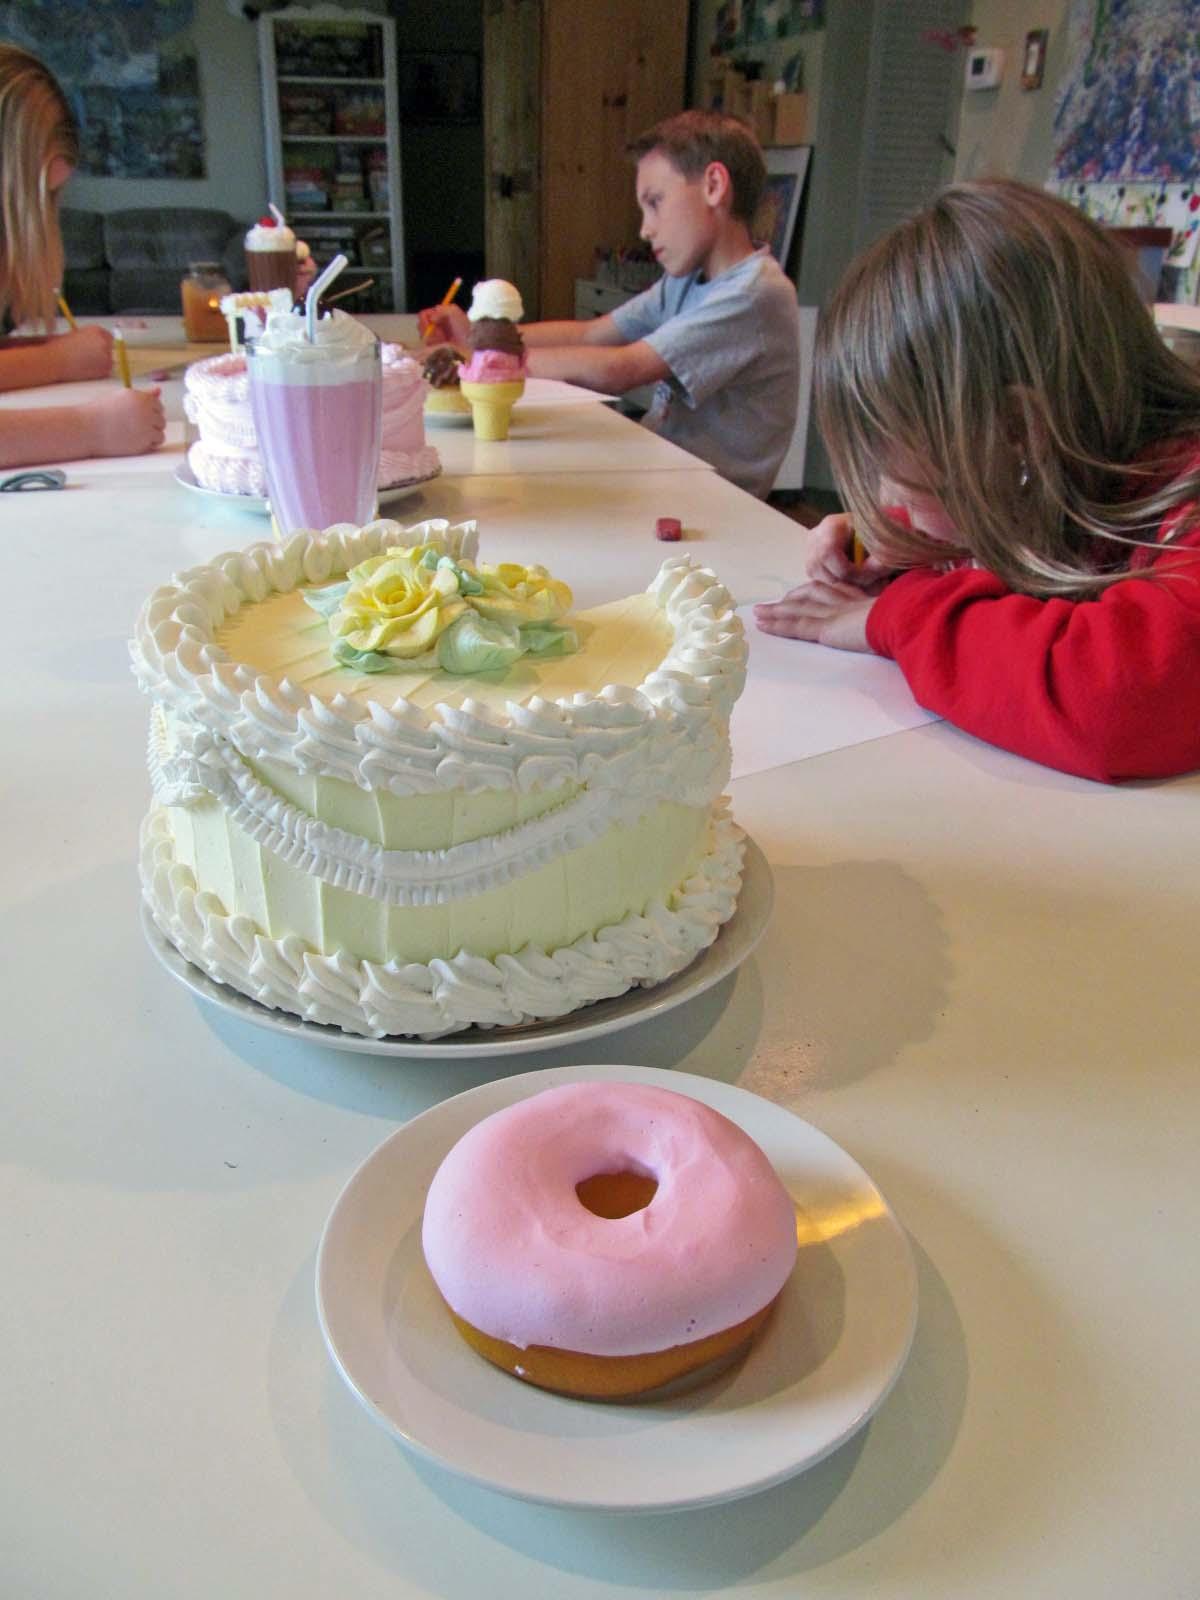 dessert phot kids working.jpg